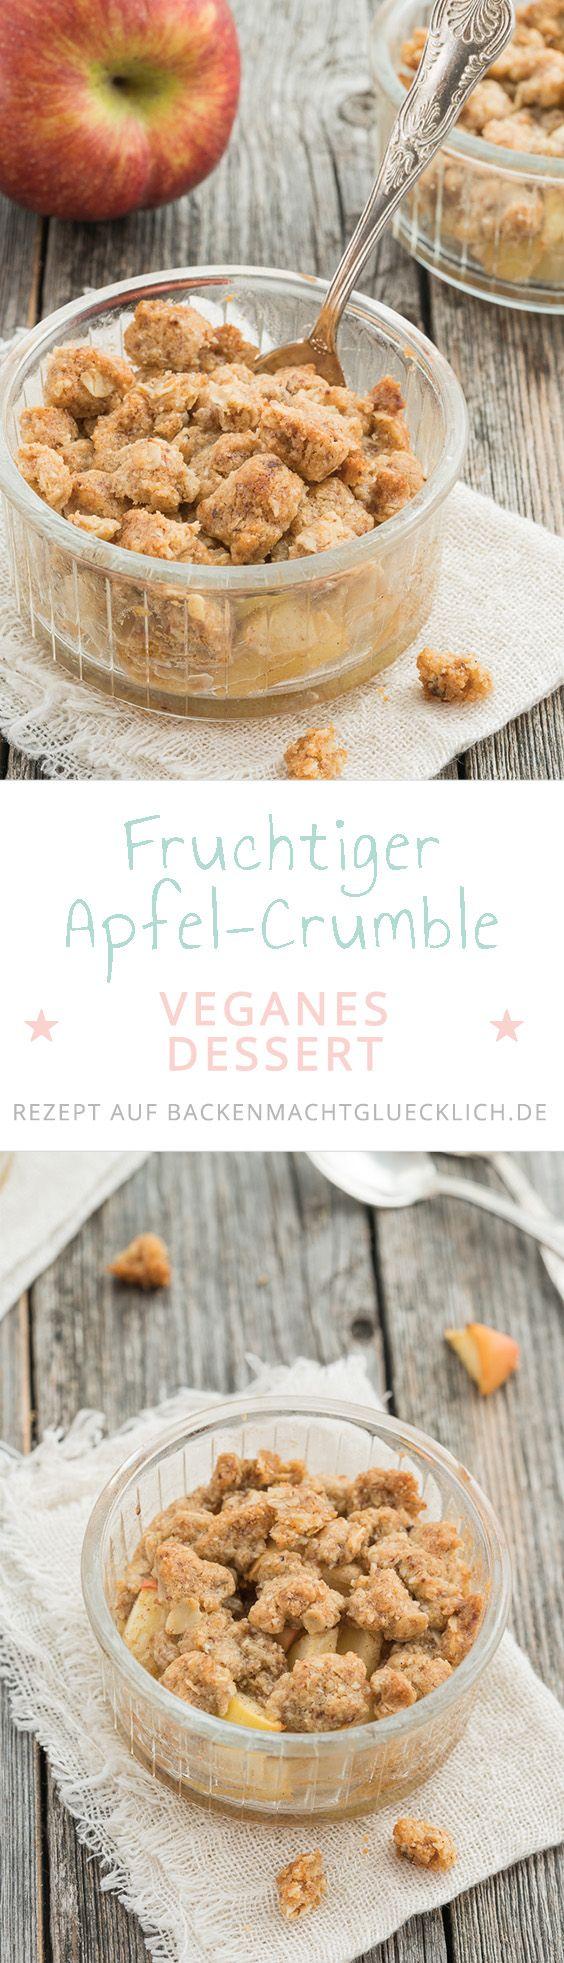 Bei diesem einfachen Apfel-Crumble Rezept kann man einfach die Butter durch vegane Margarine ersetzen. Dann ist der Apple-Crumble ein tolles veganes Dessert!